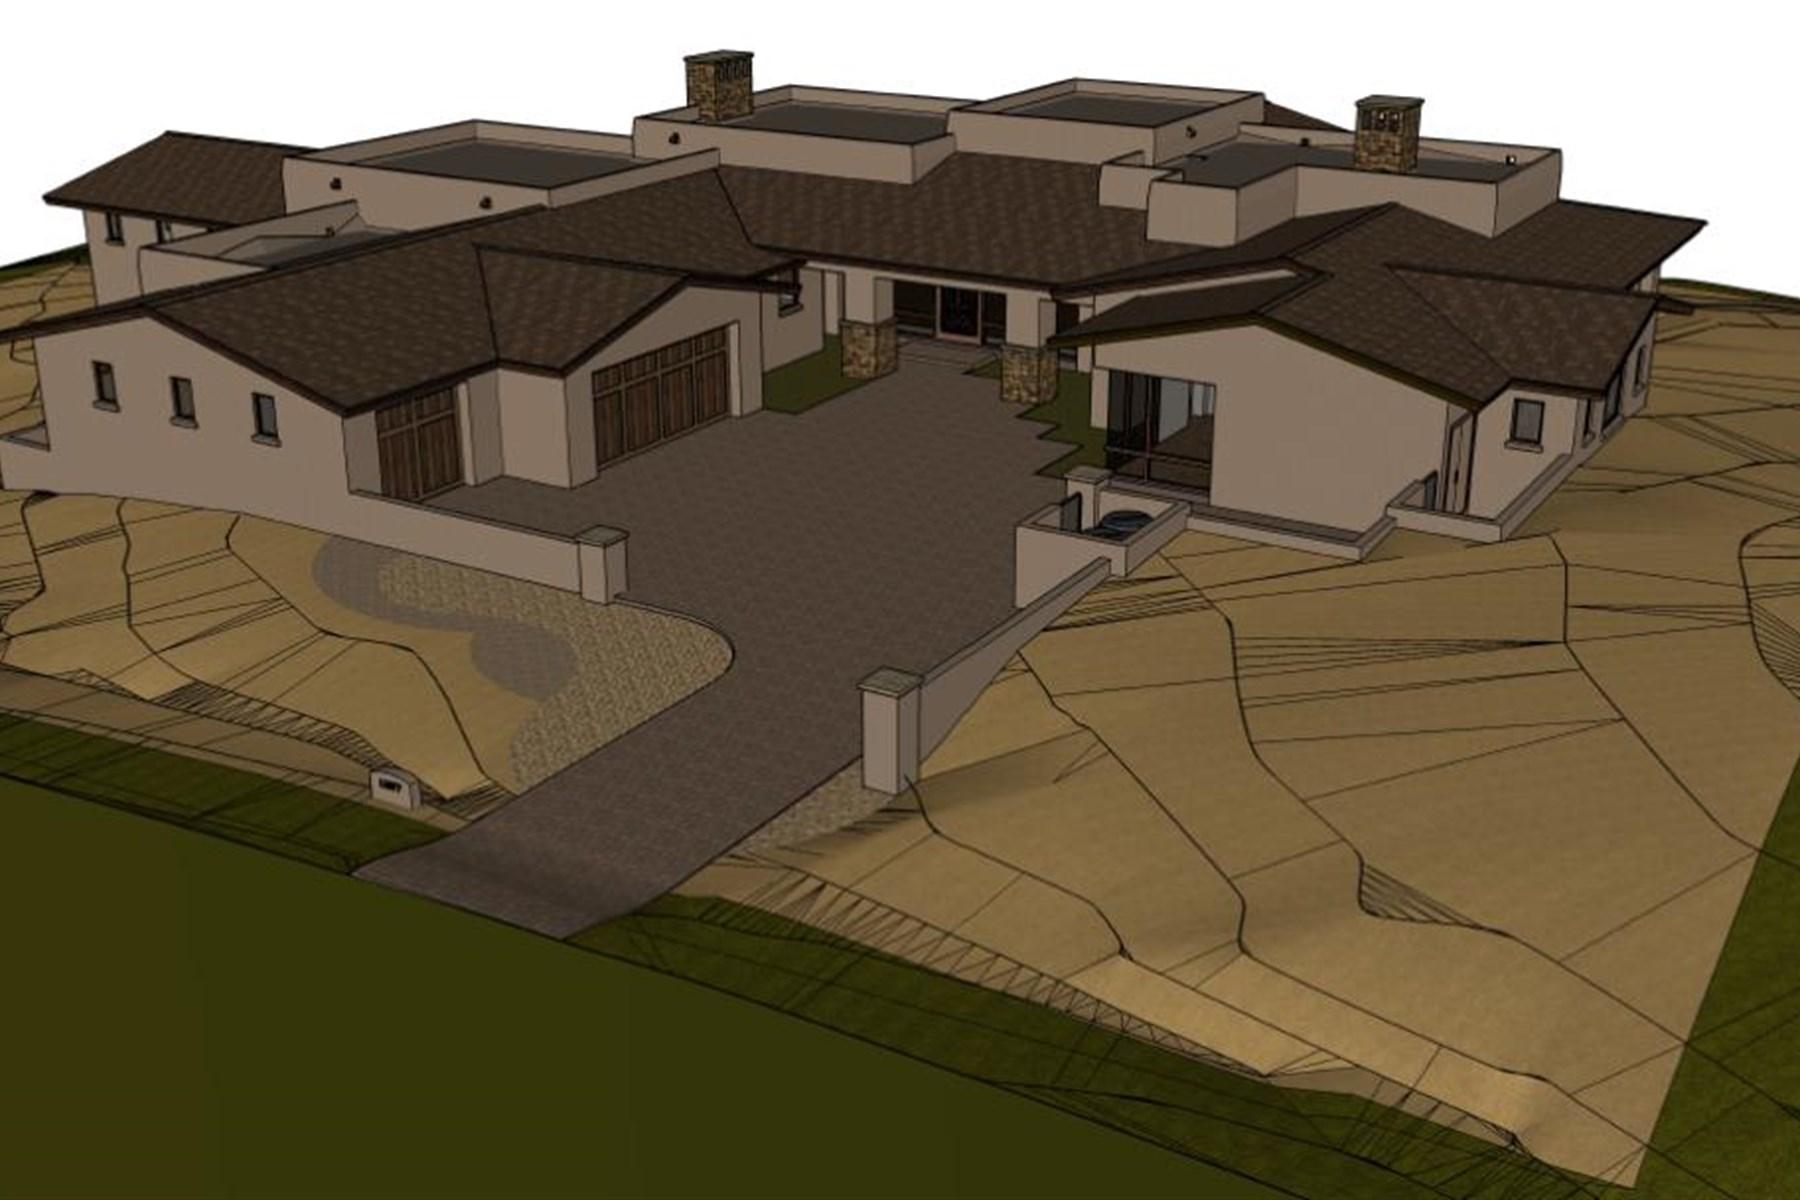 一戸建て のために 売買 アット Desert Ranch Contemporary new build by Red Moon Homes 39254 N 104TH PL Scottsdale, アリゾナ, 85262 アメリカ合衆国